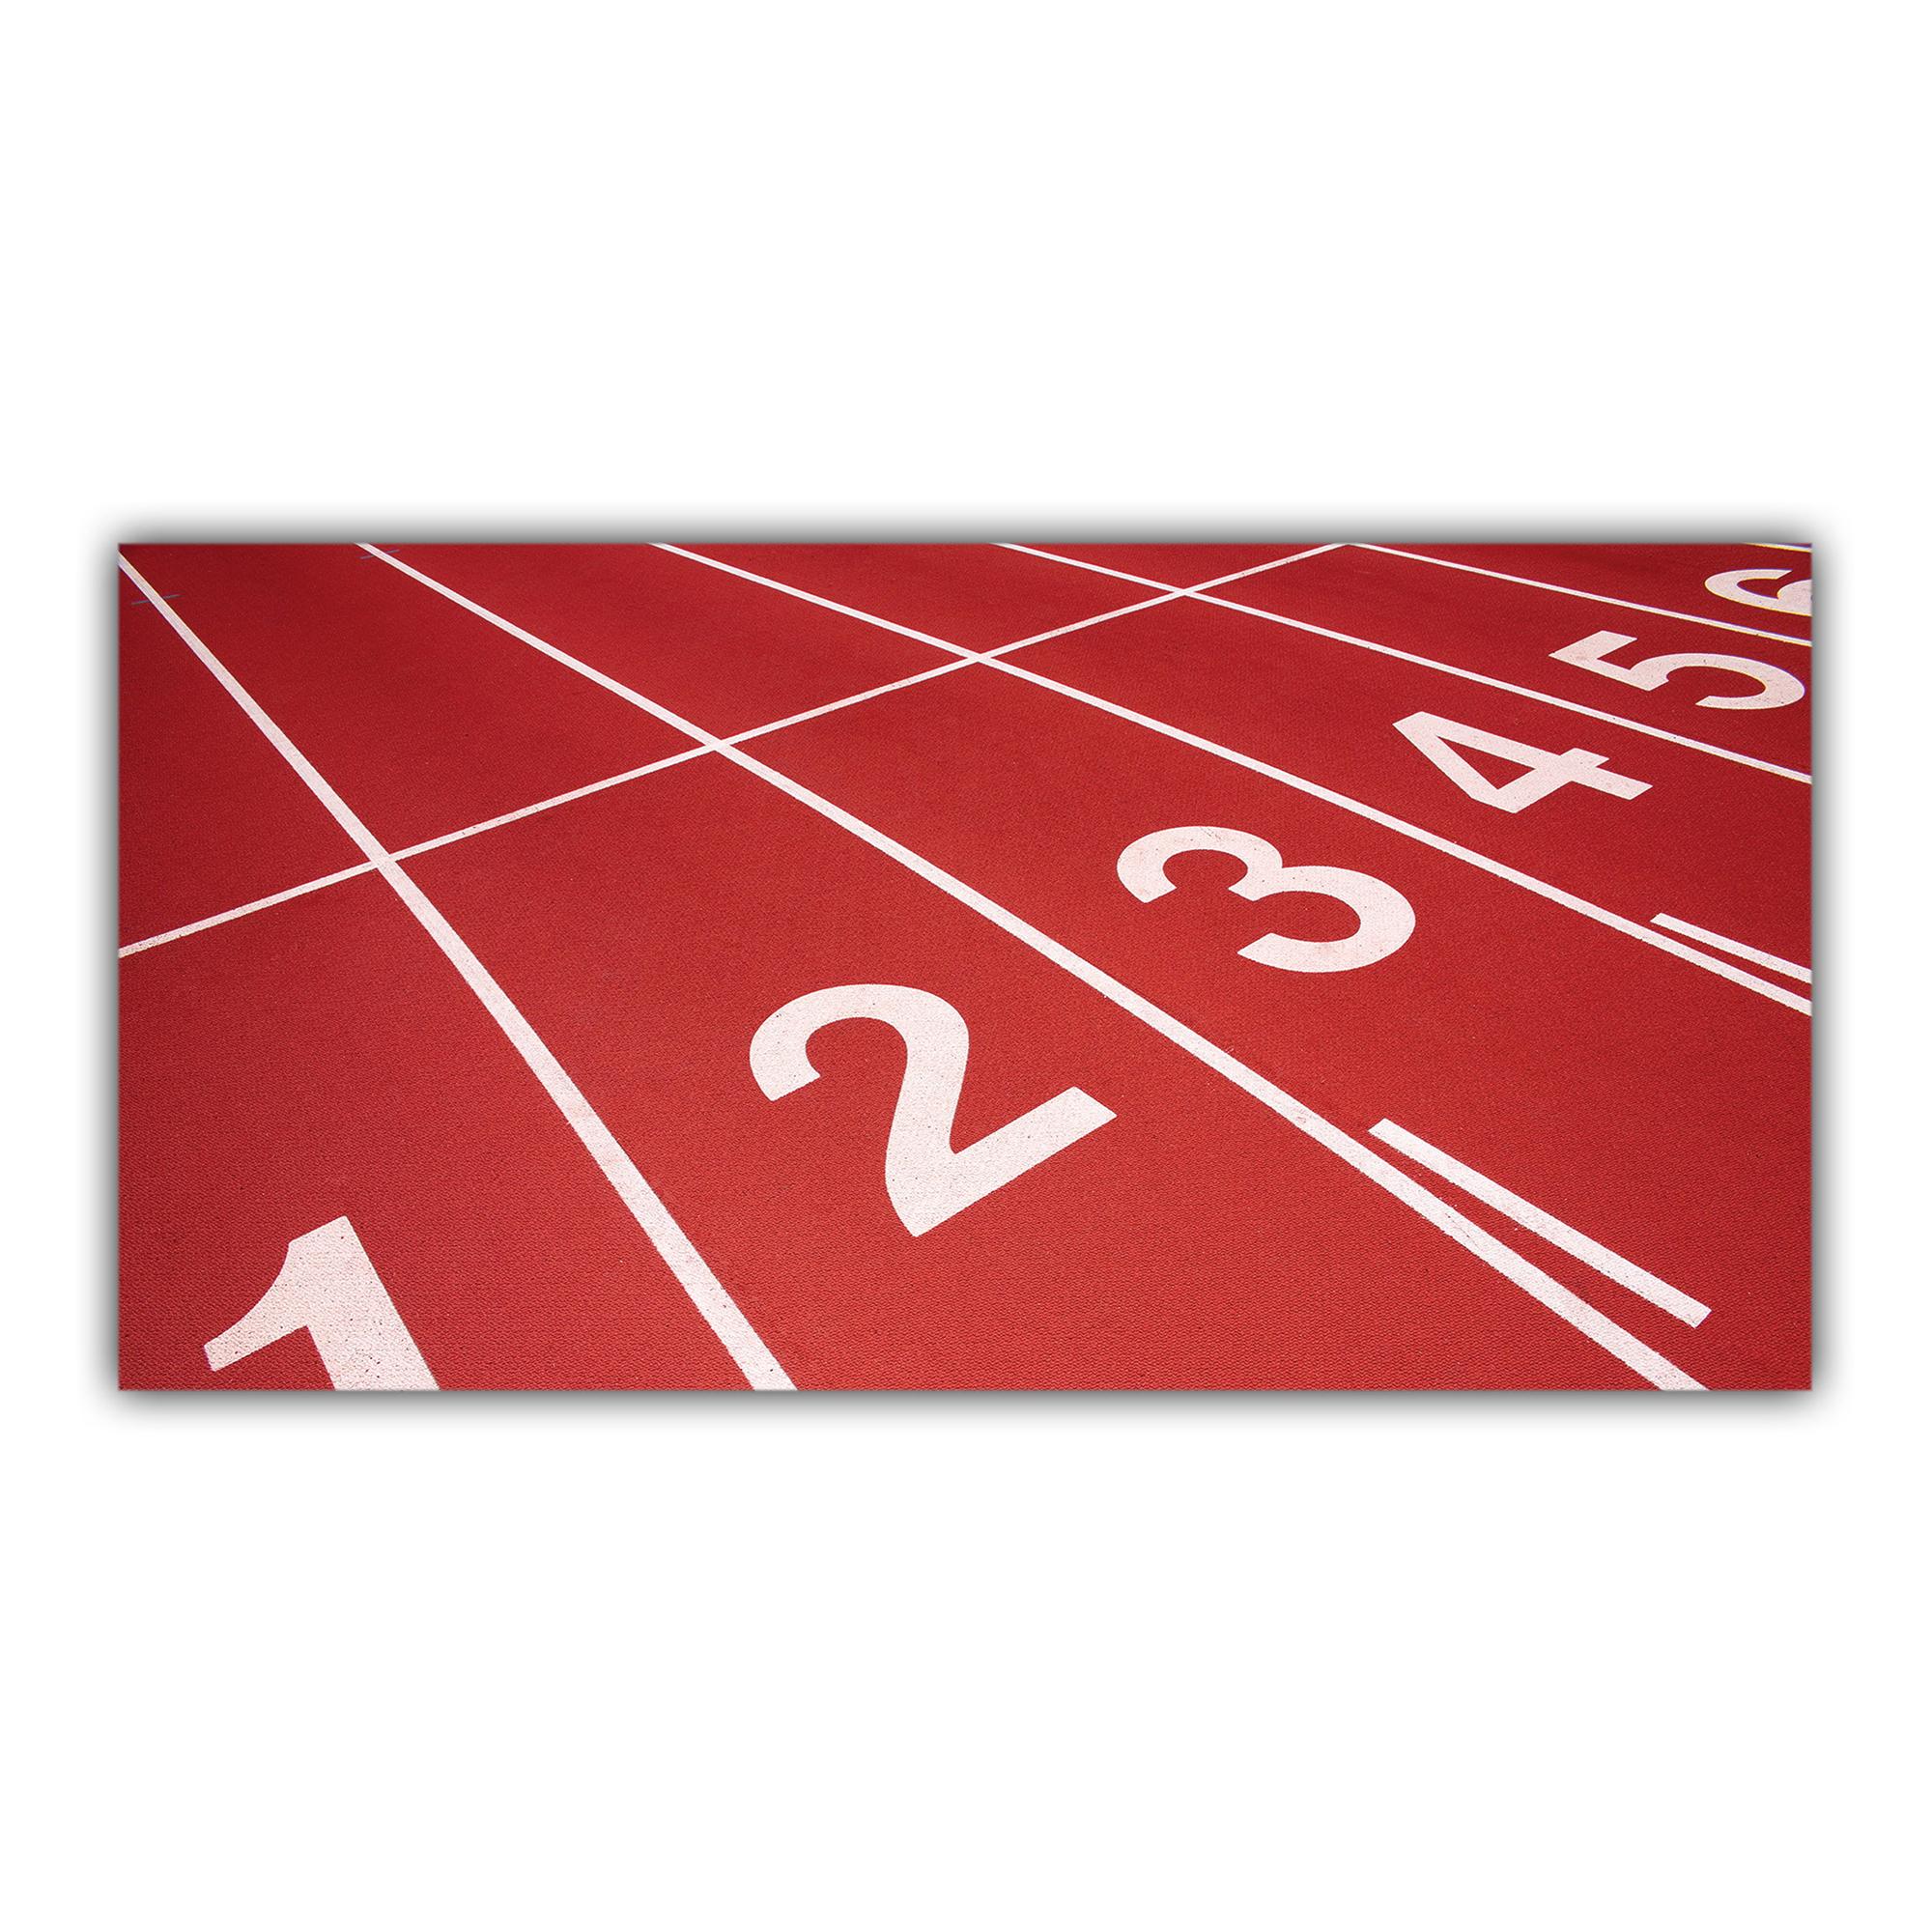 Numéros Départ Athlétisme Piste Course